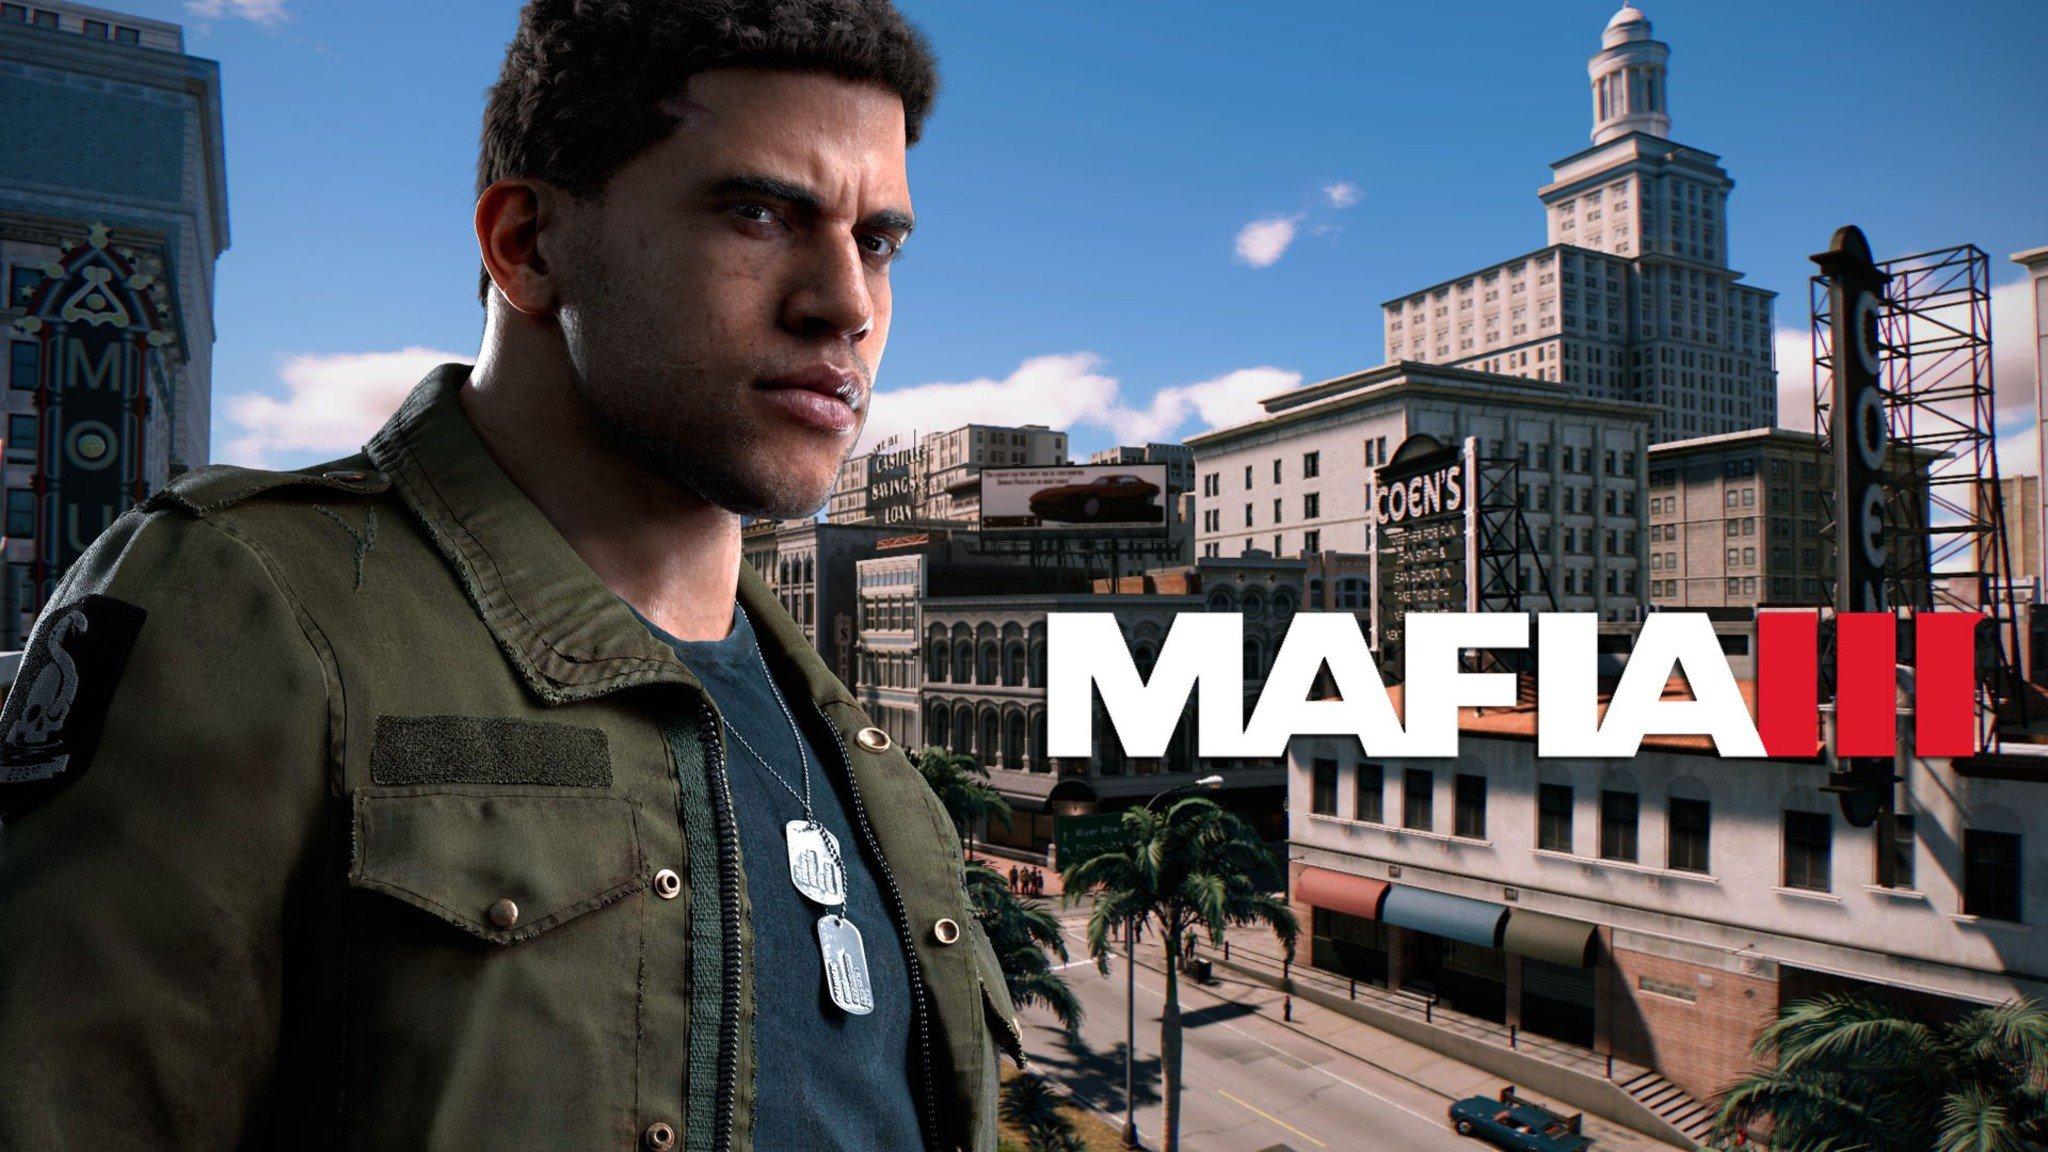 mafia-3-hd-2048x1152